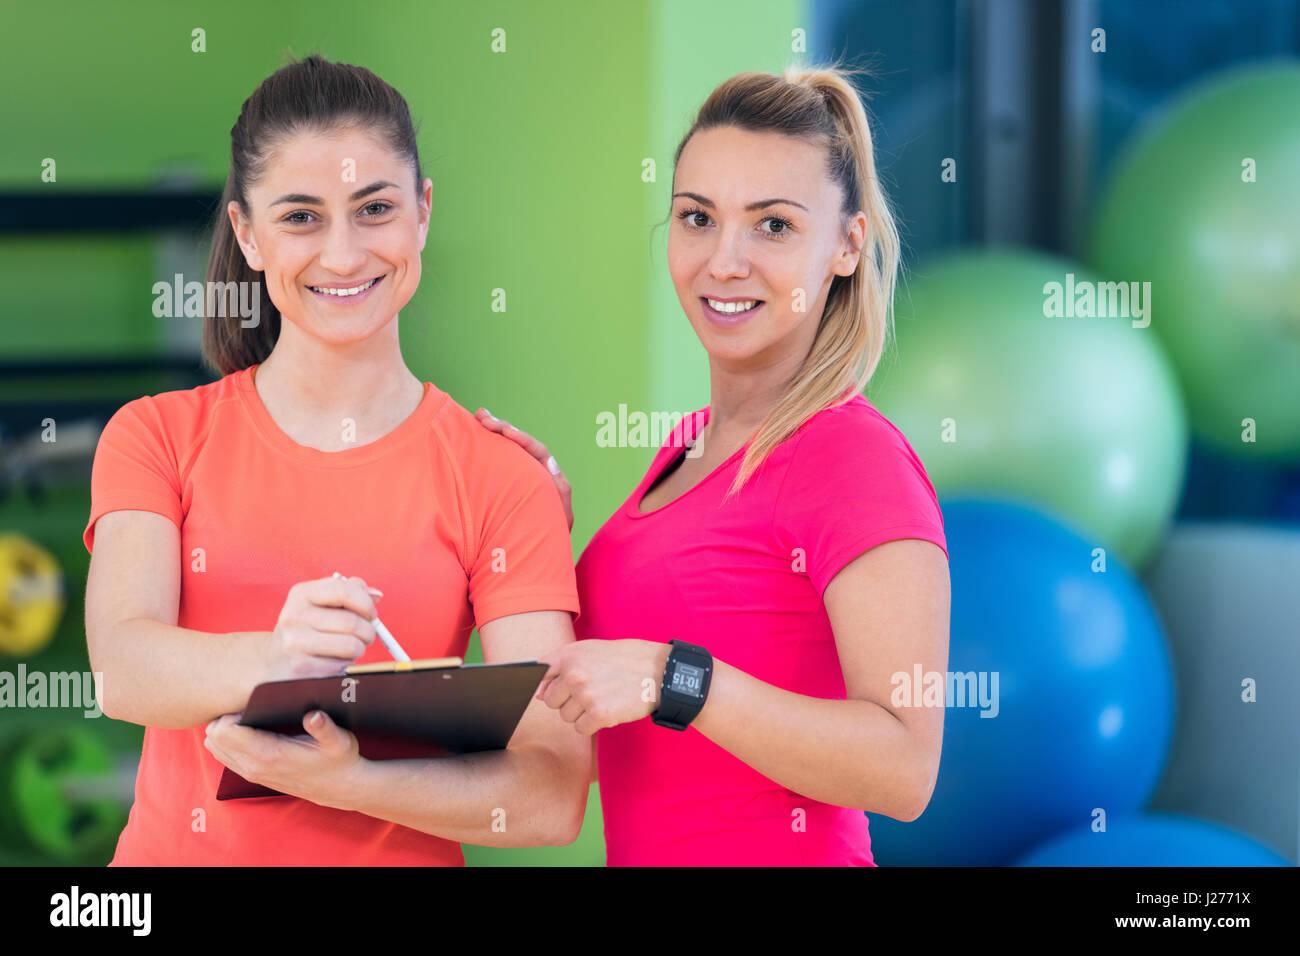 Dos joven disfrutando de su rutina de ejercicios en el gimnasio reír y sonreír Imagen De Stock